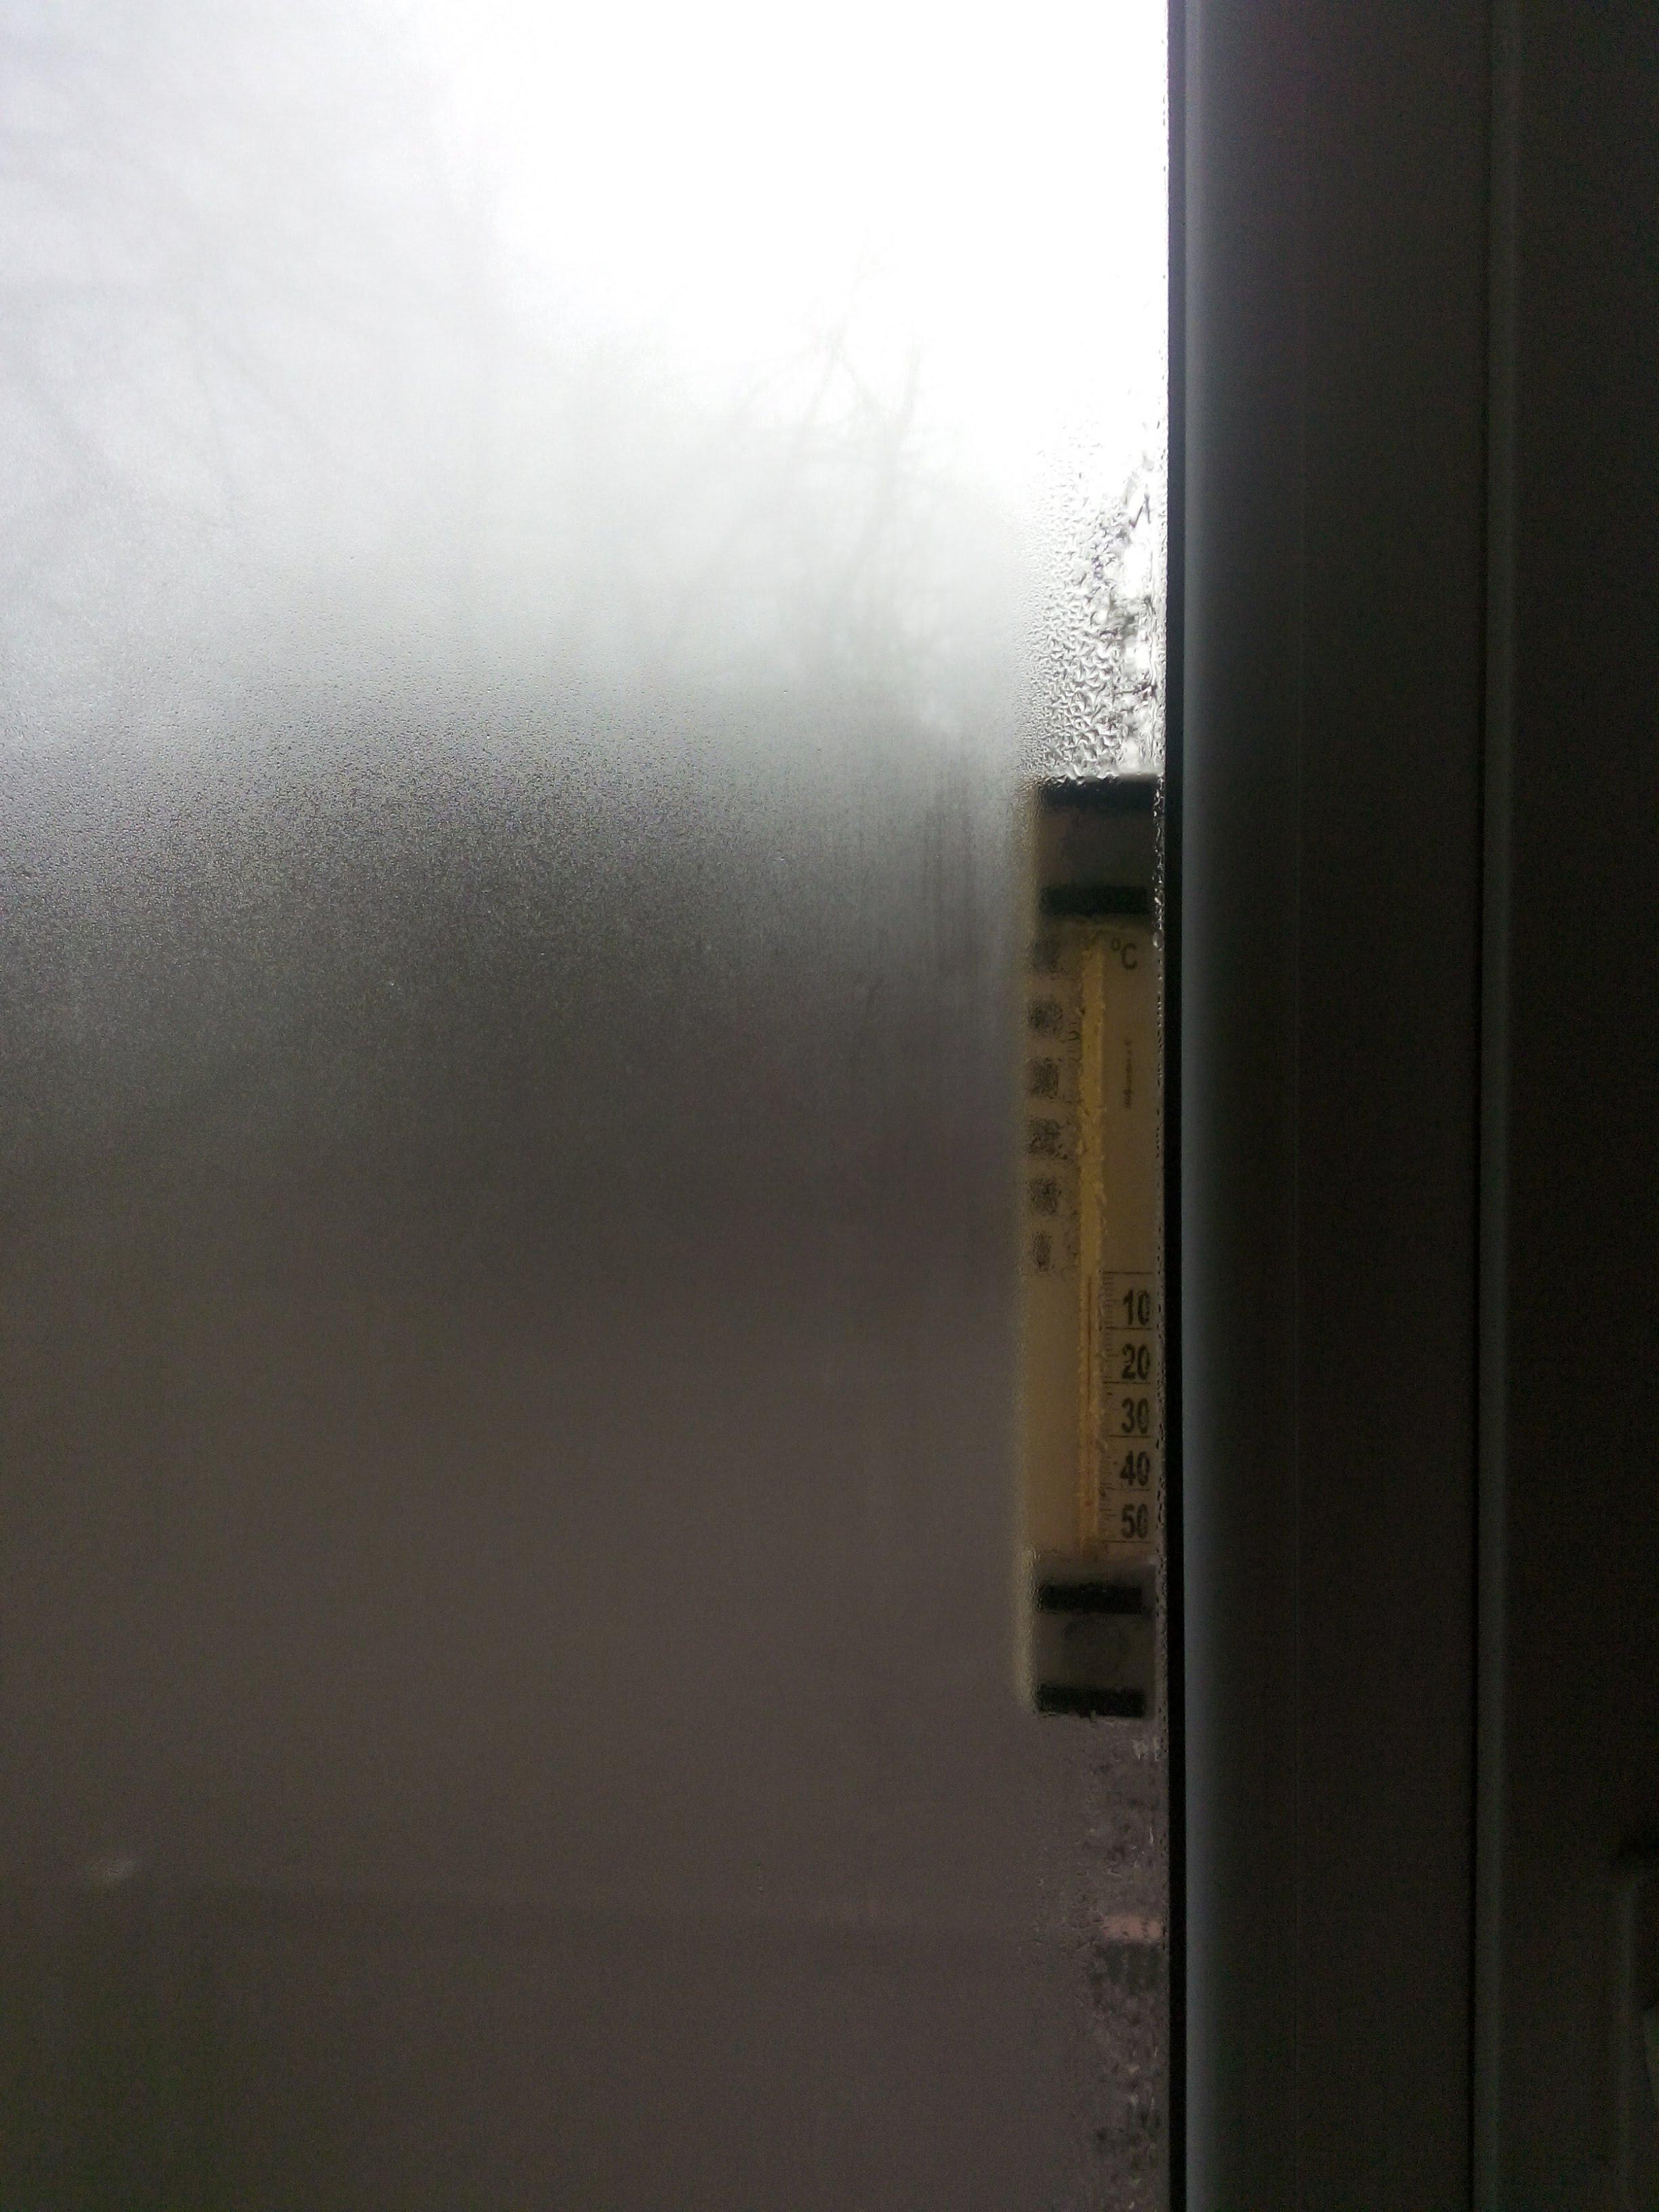 Образование конденсата на стеклопакетах при температуре внешнего воздуха -1 °С